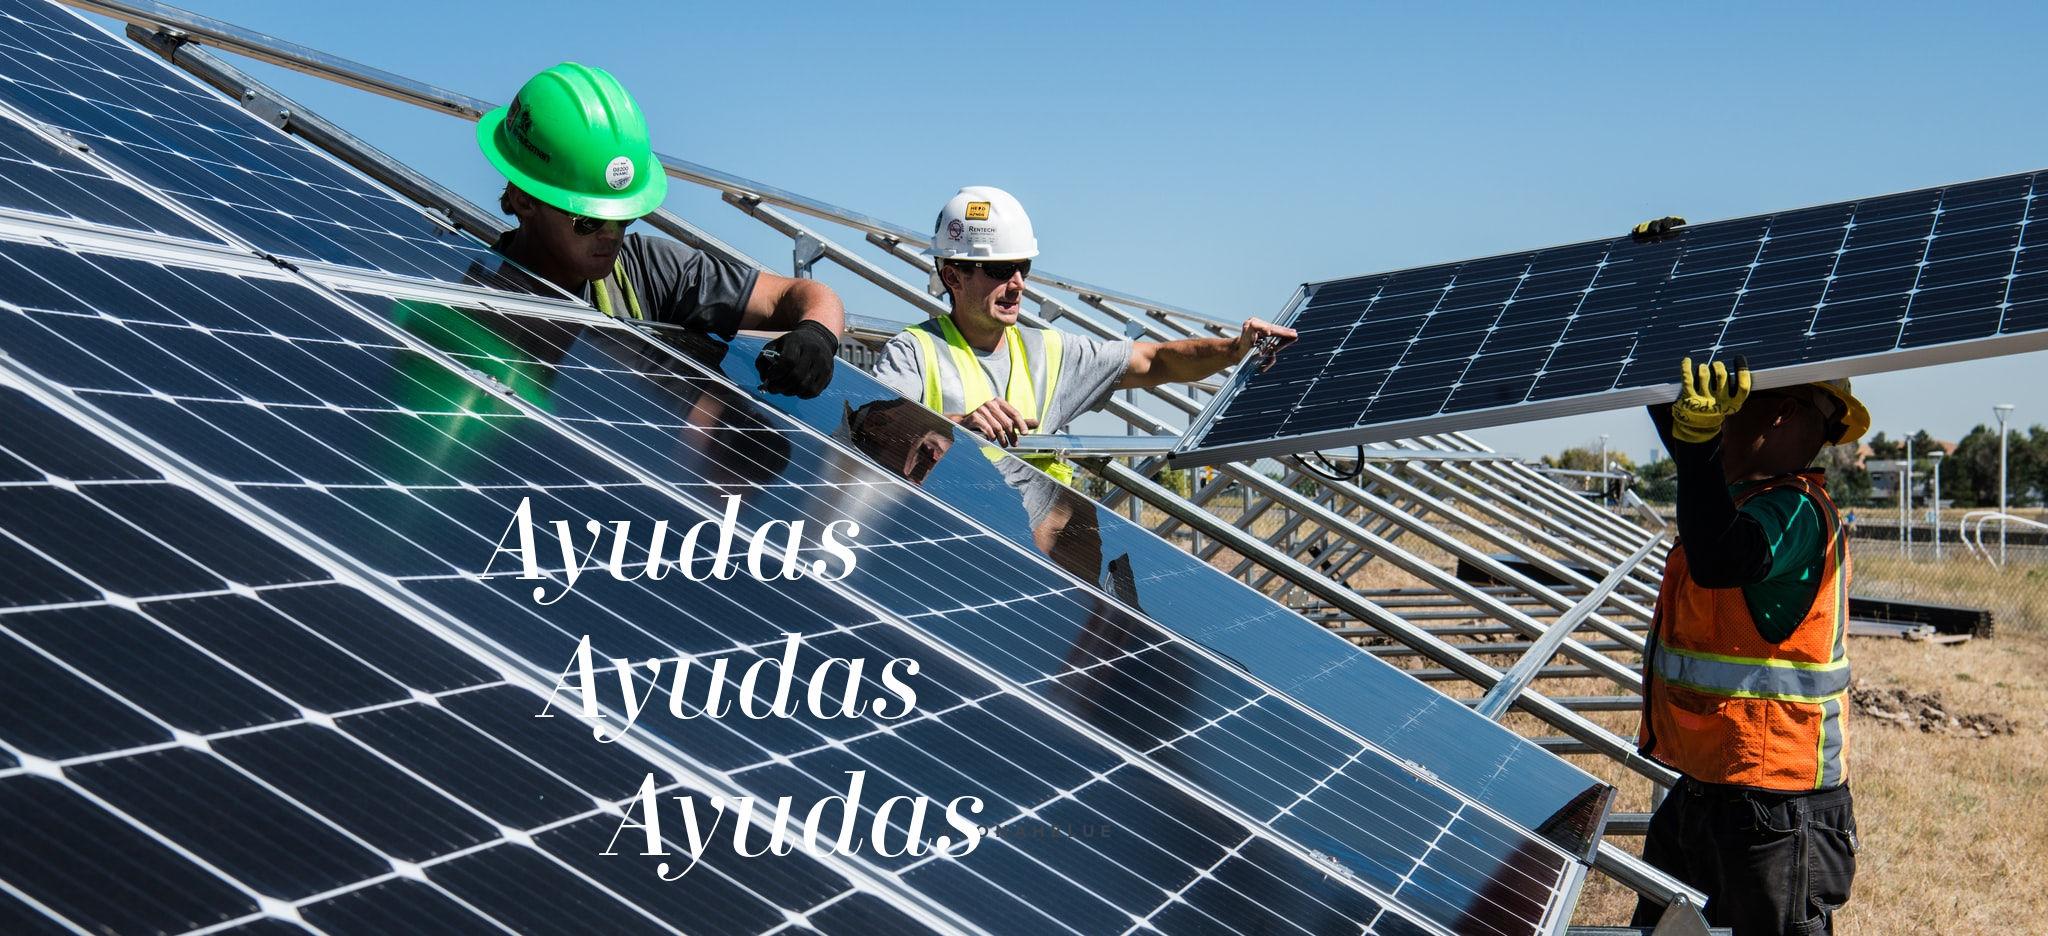 Ayudas para fotovoltaica: 1.320 millones de euros para autoconsumo